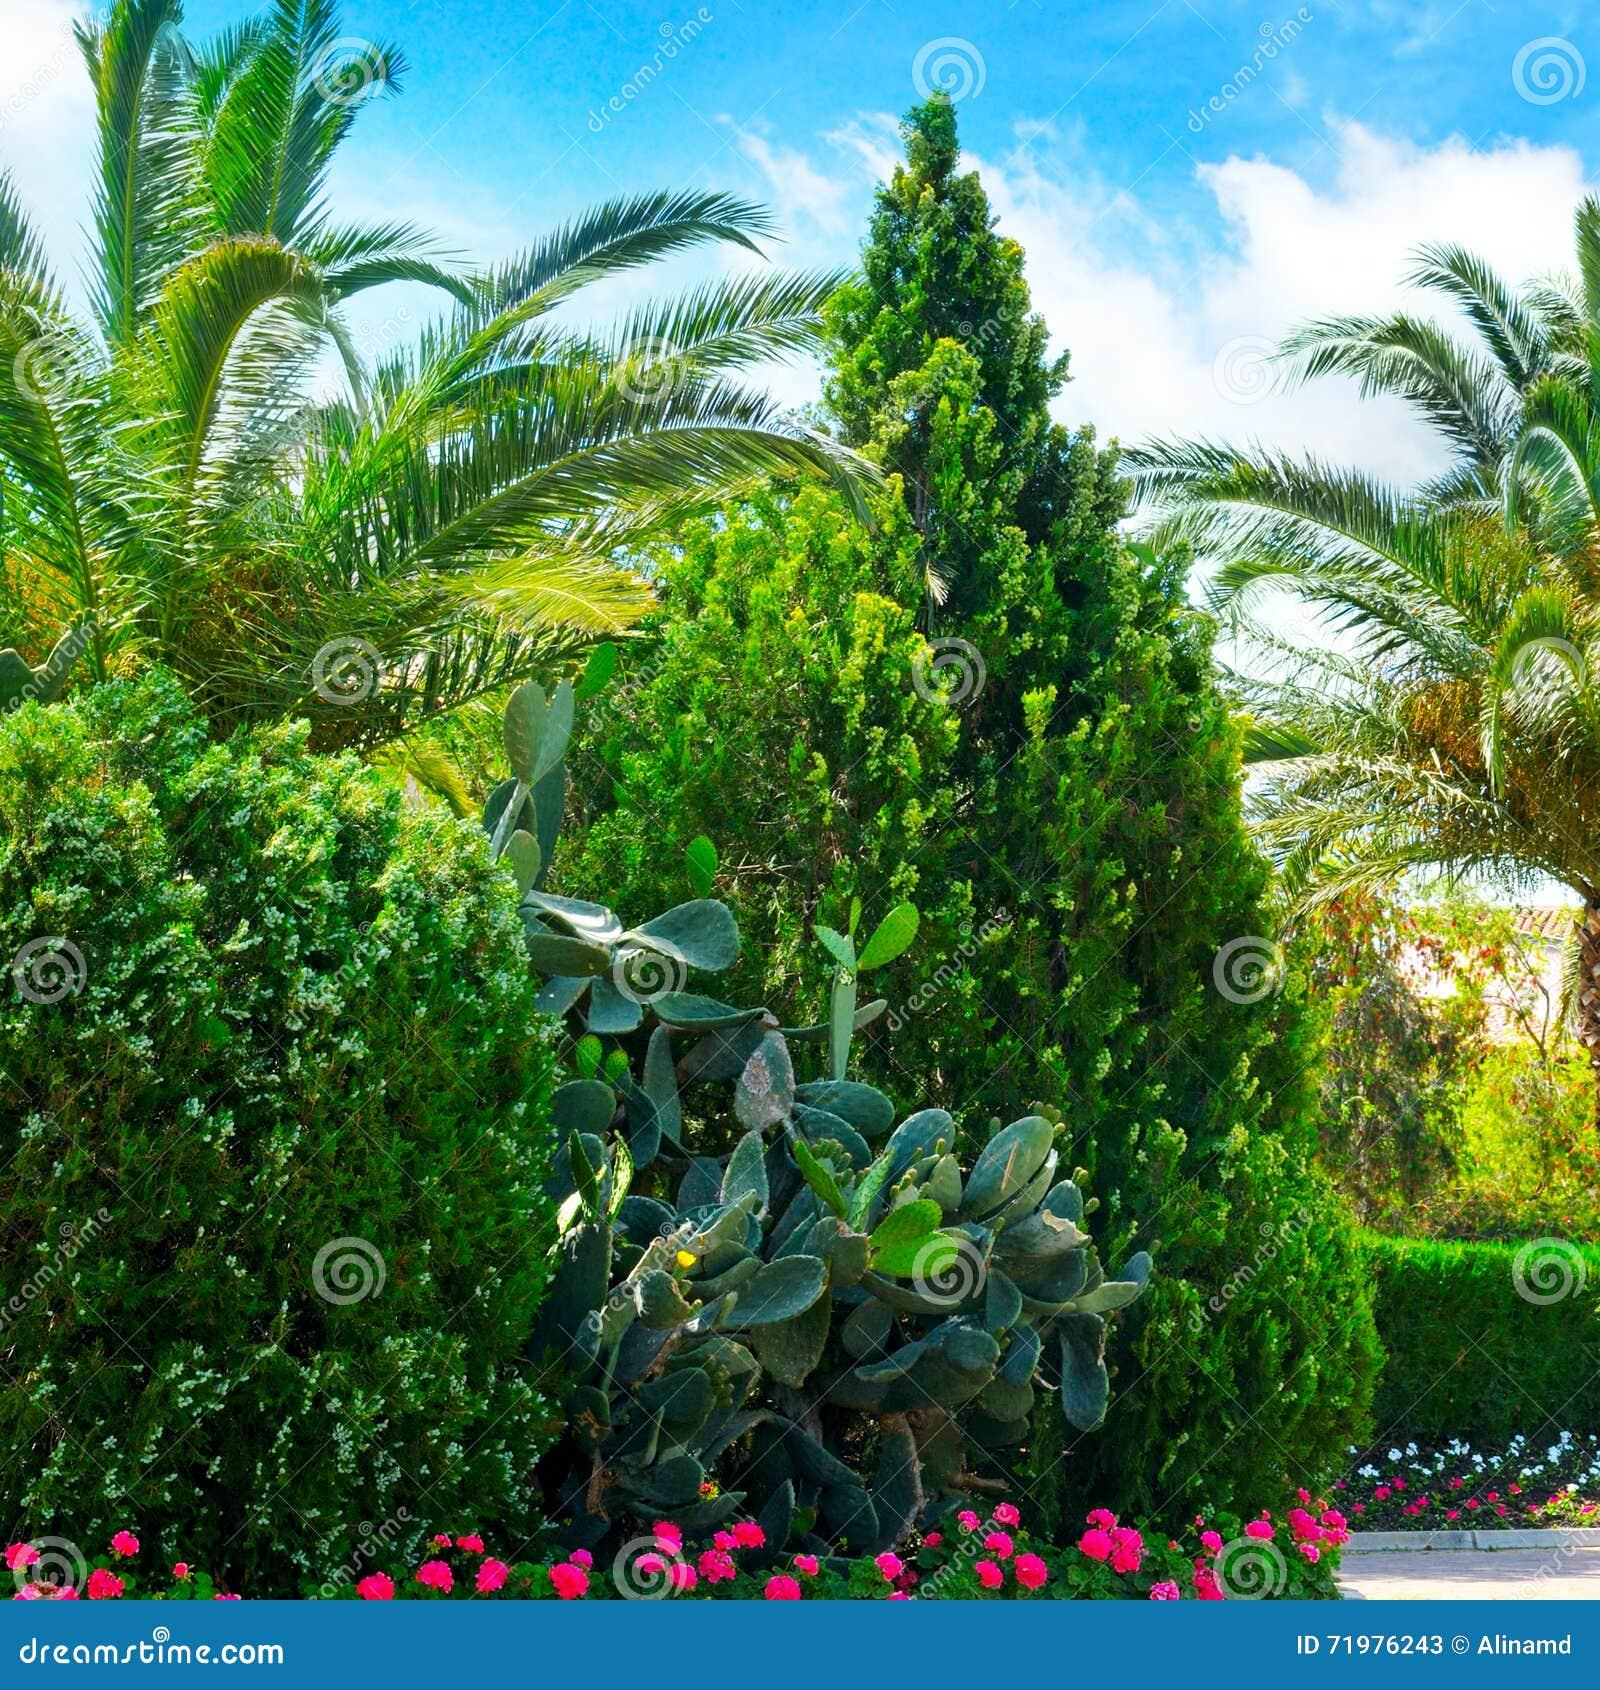 Foto Di Piante Sempreverdi parco con le palme e le piante sempreverdi immagine stock